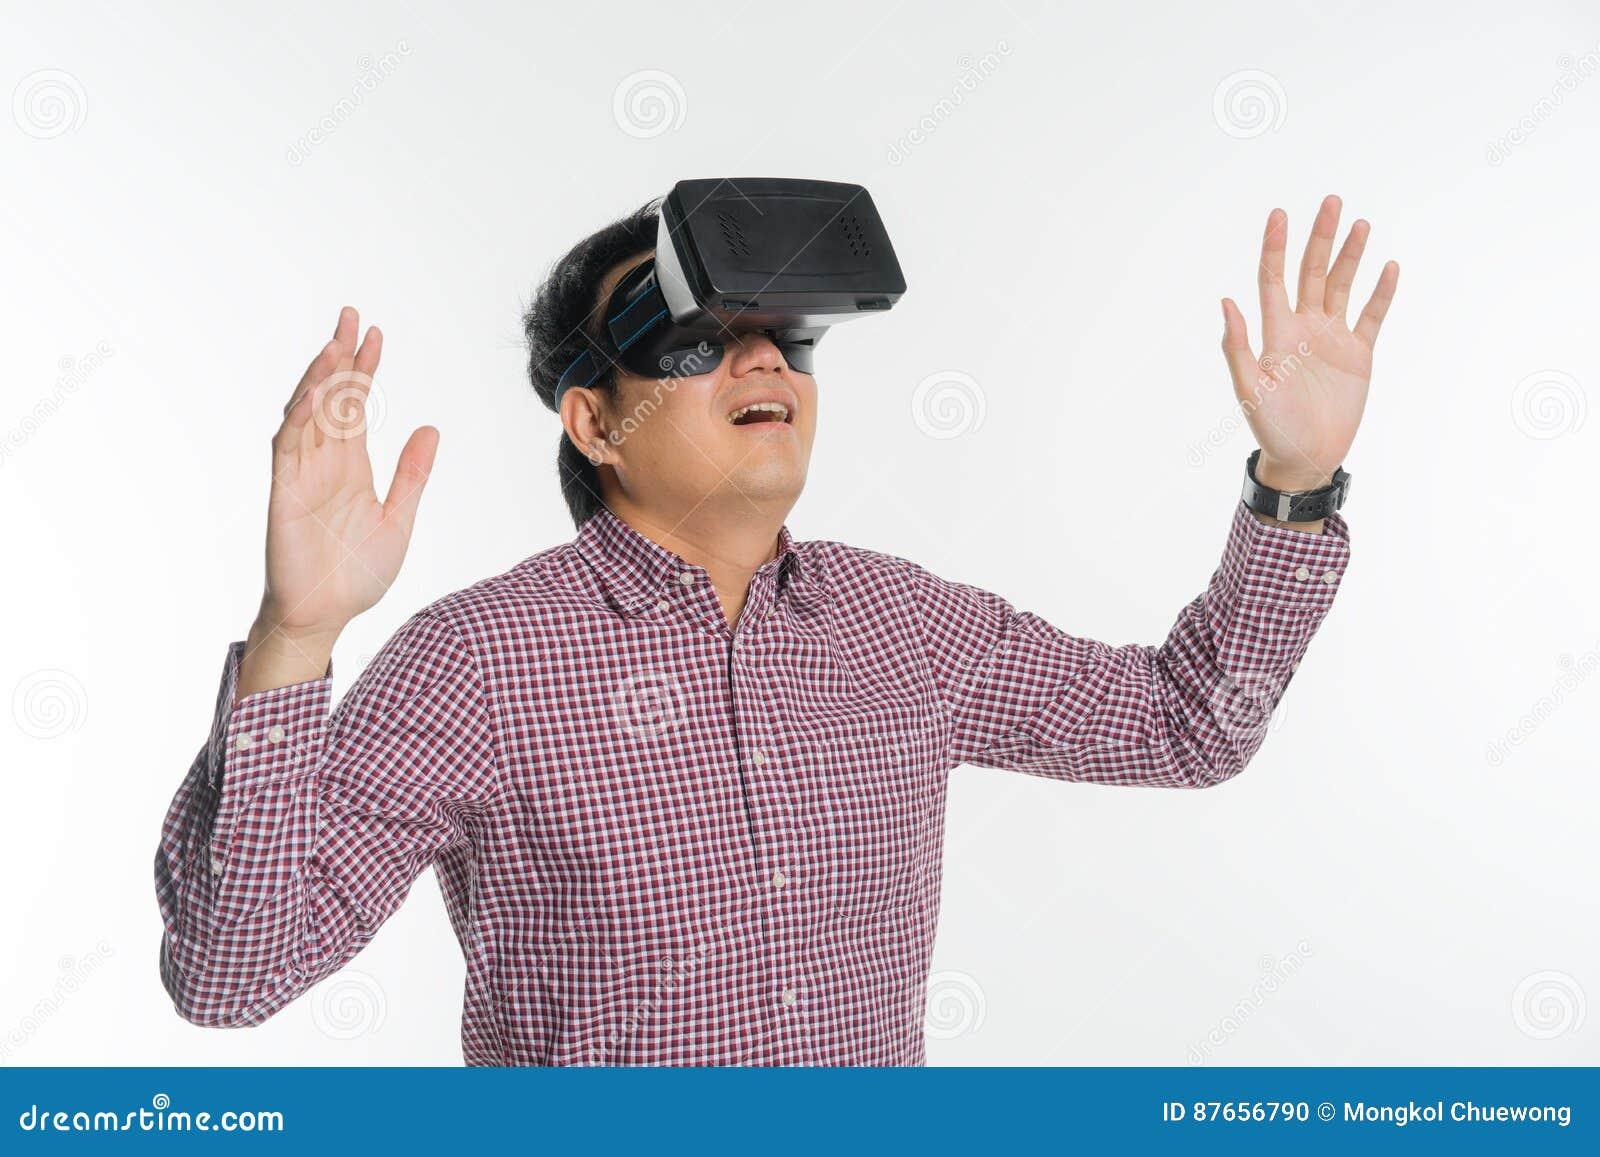 Uomo emozionante che avverte realtà virtuale tramite cuffia avricolare di VR